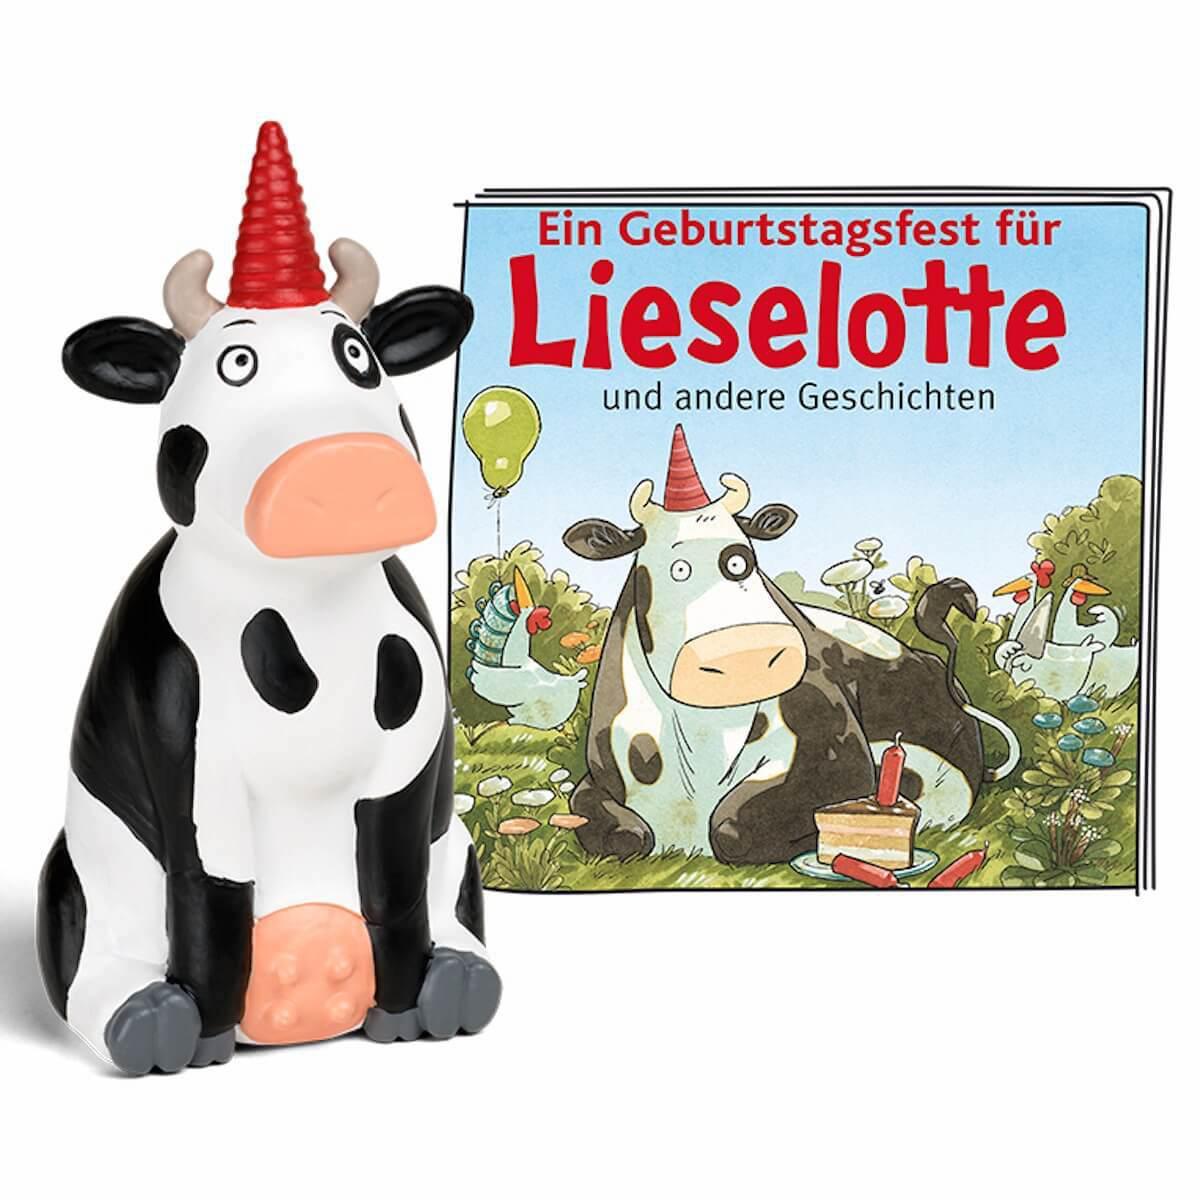 Hörspielfigur TONIES Lieselotte Ein Geburtstagsfest für Lieselotte